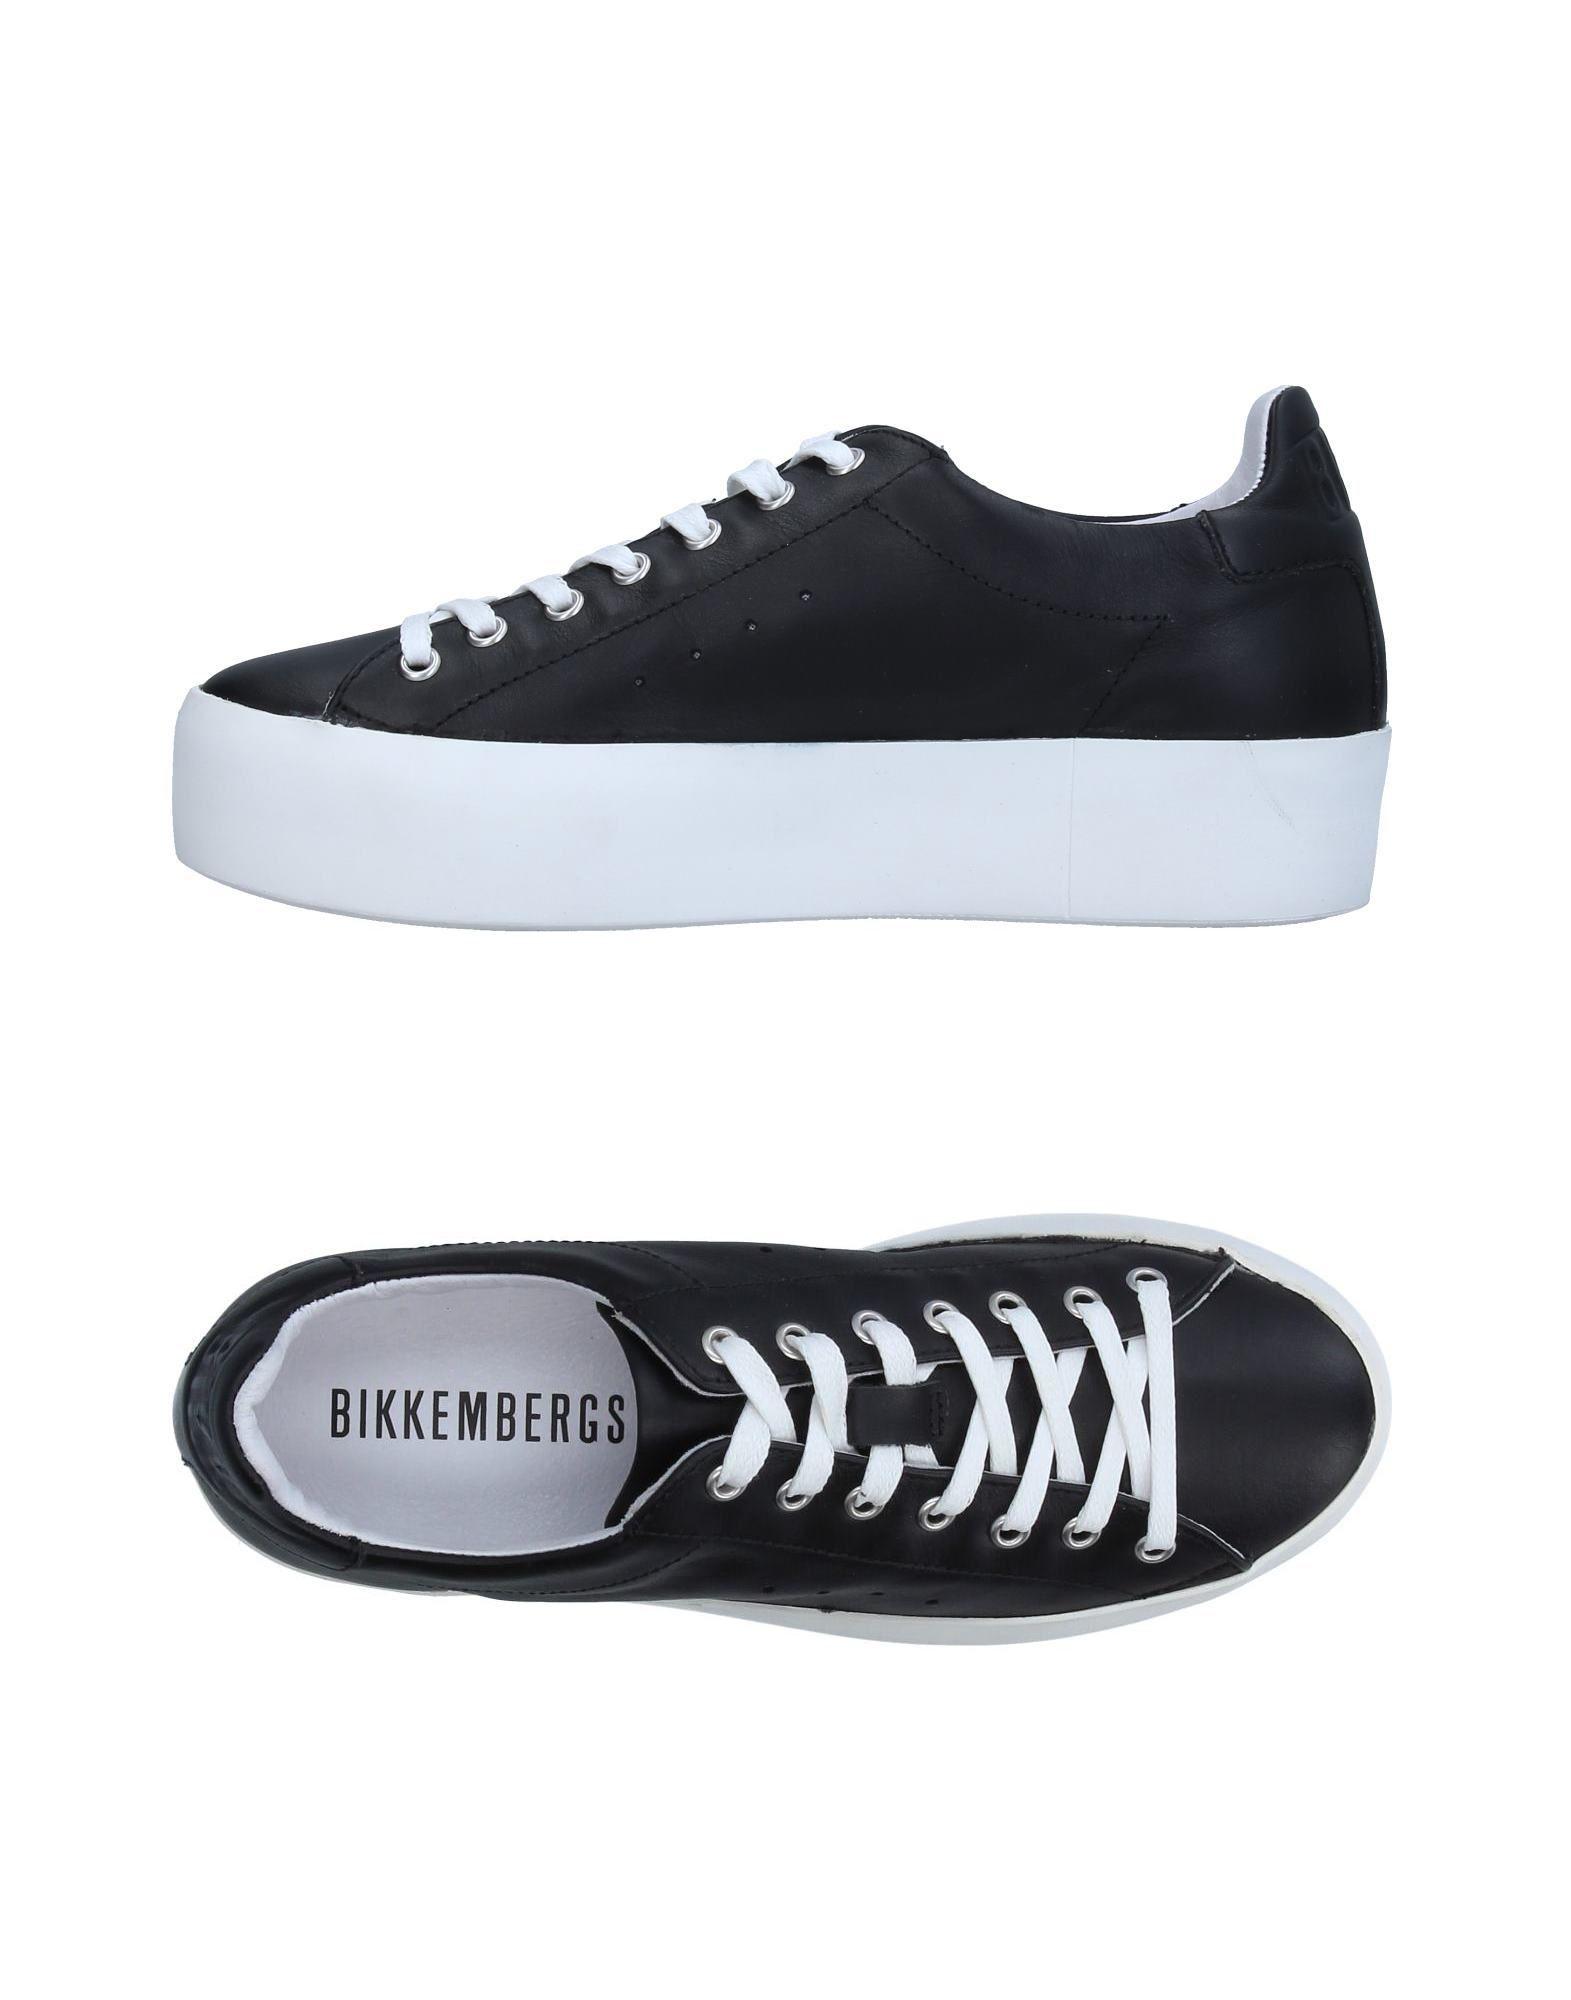 Bikkembergs Sneakers Damen  11333325AI Gute Qualität beliebte Schuhe